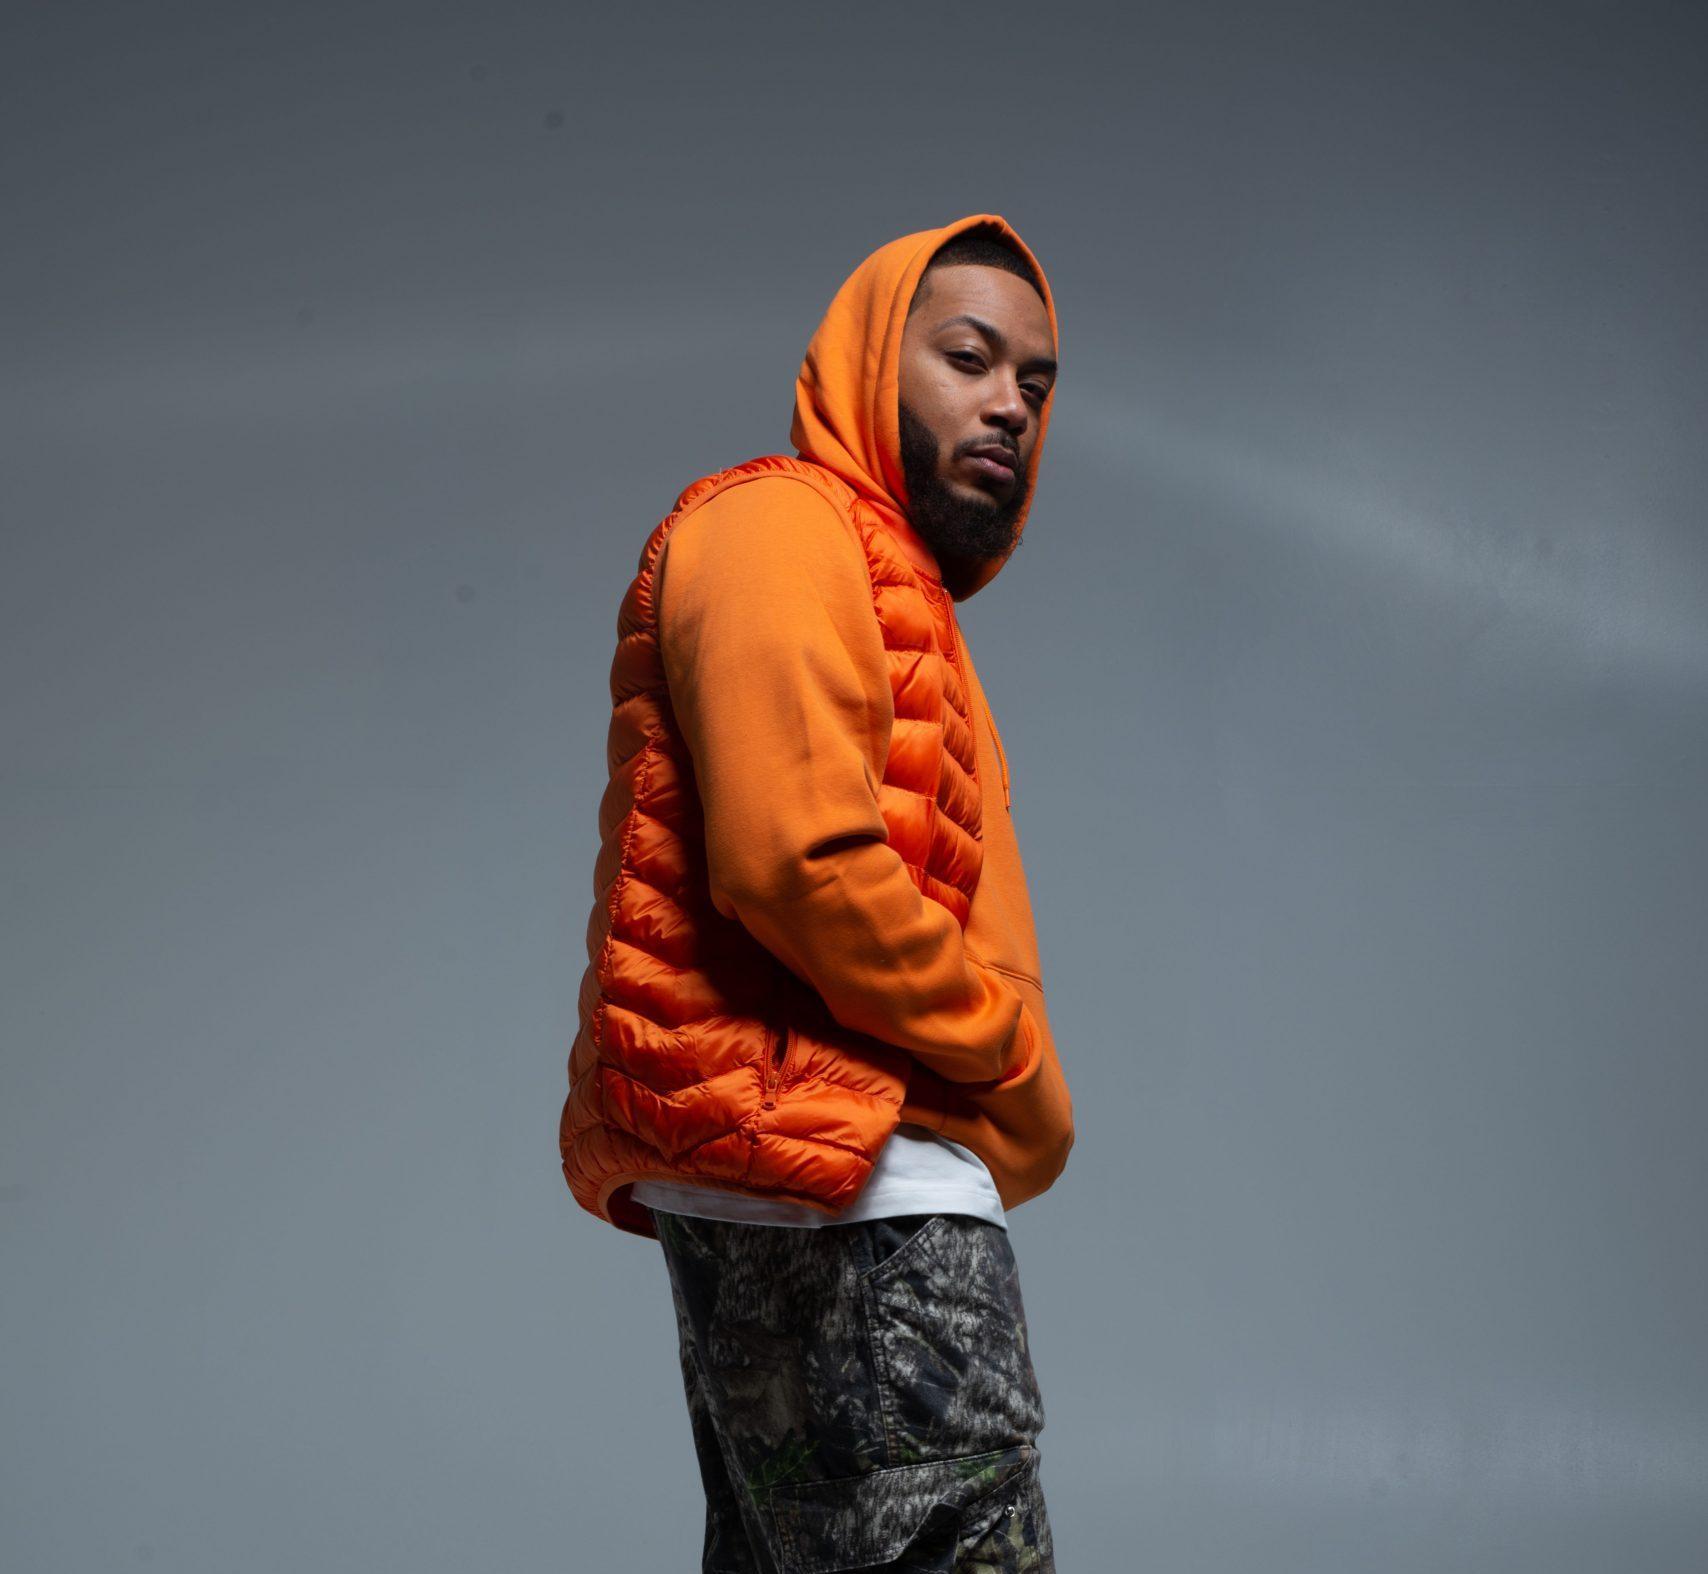 Le Rap de Jewel Usain : c'est conter des histoires vraies | «Mode Difficile» (Interview)